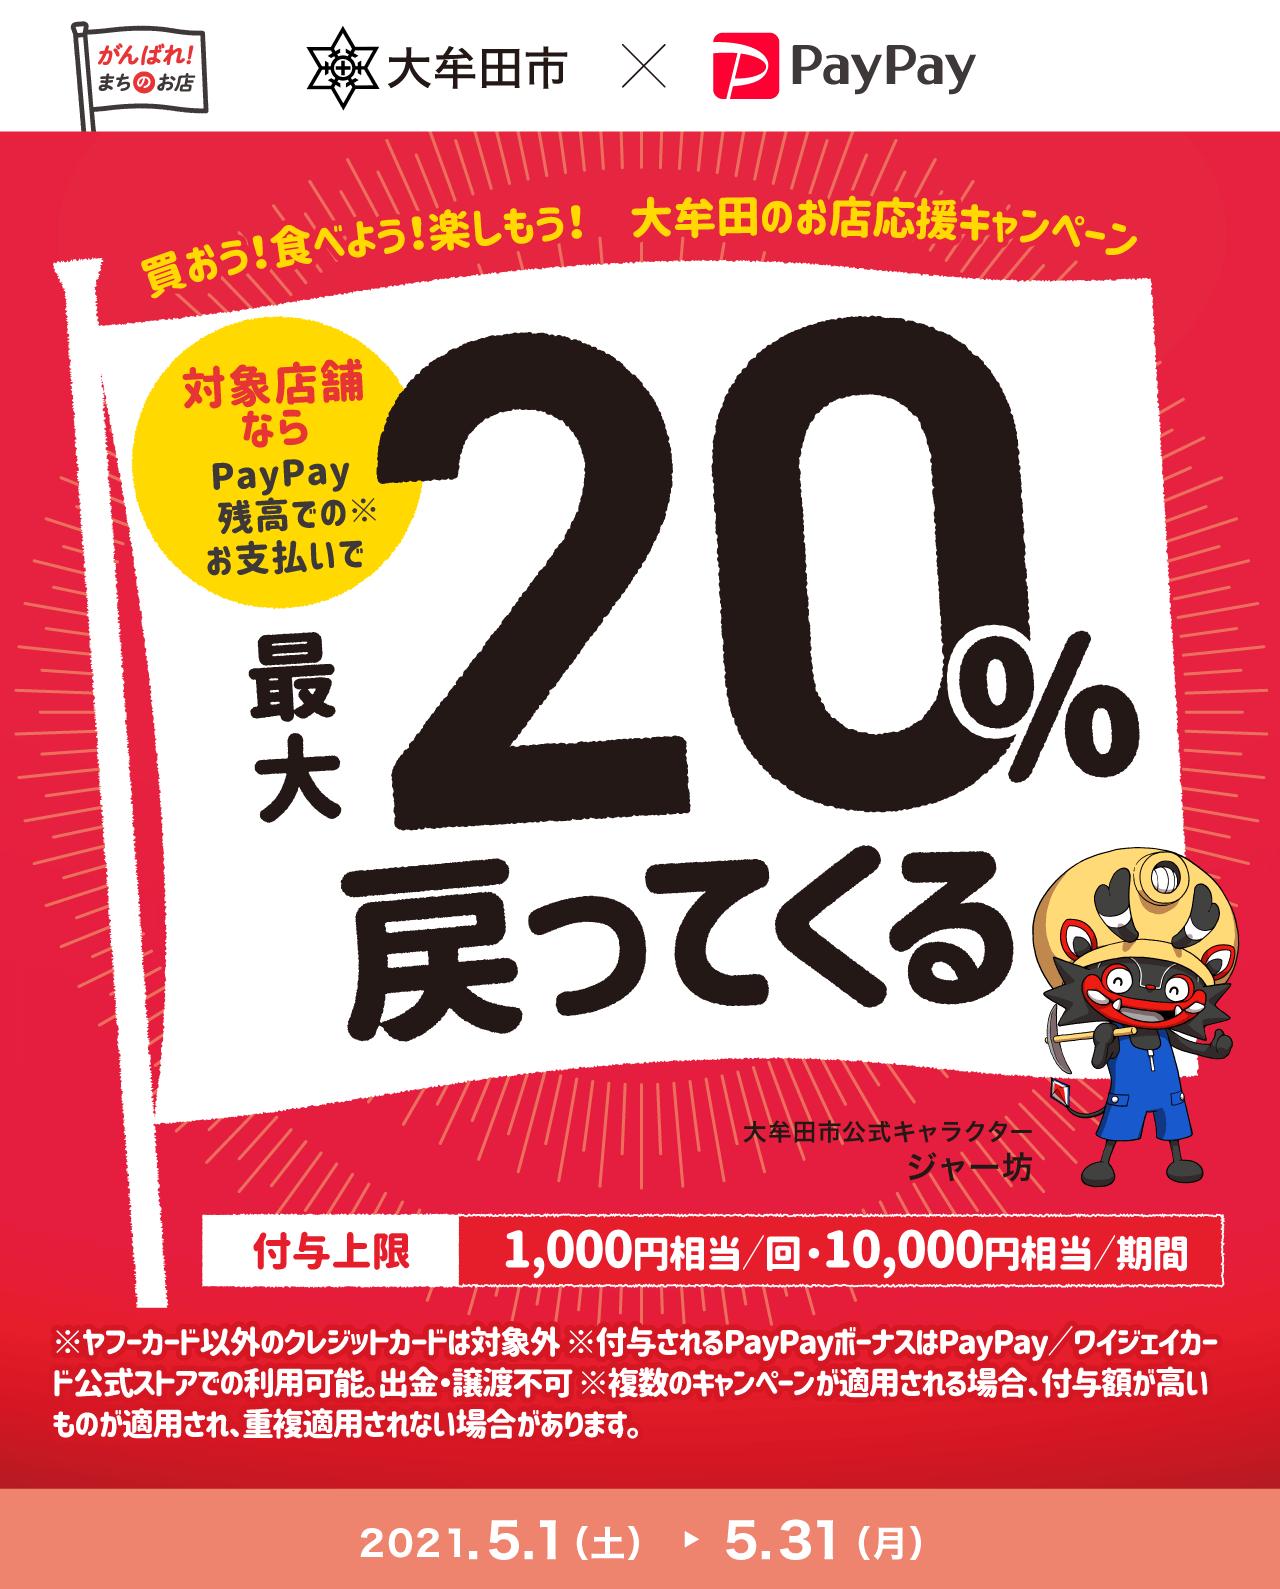 買おう!食べよう!楽しもう!大牟田のお店応援キャンペーン 対象店舗ならPayPay残高でのお支払いで最大20%戻ってくる